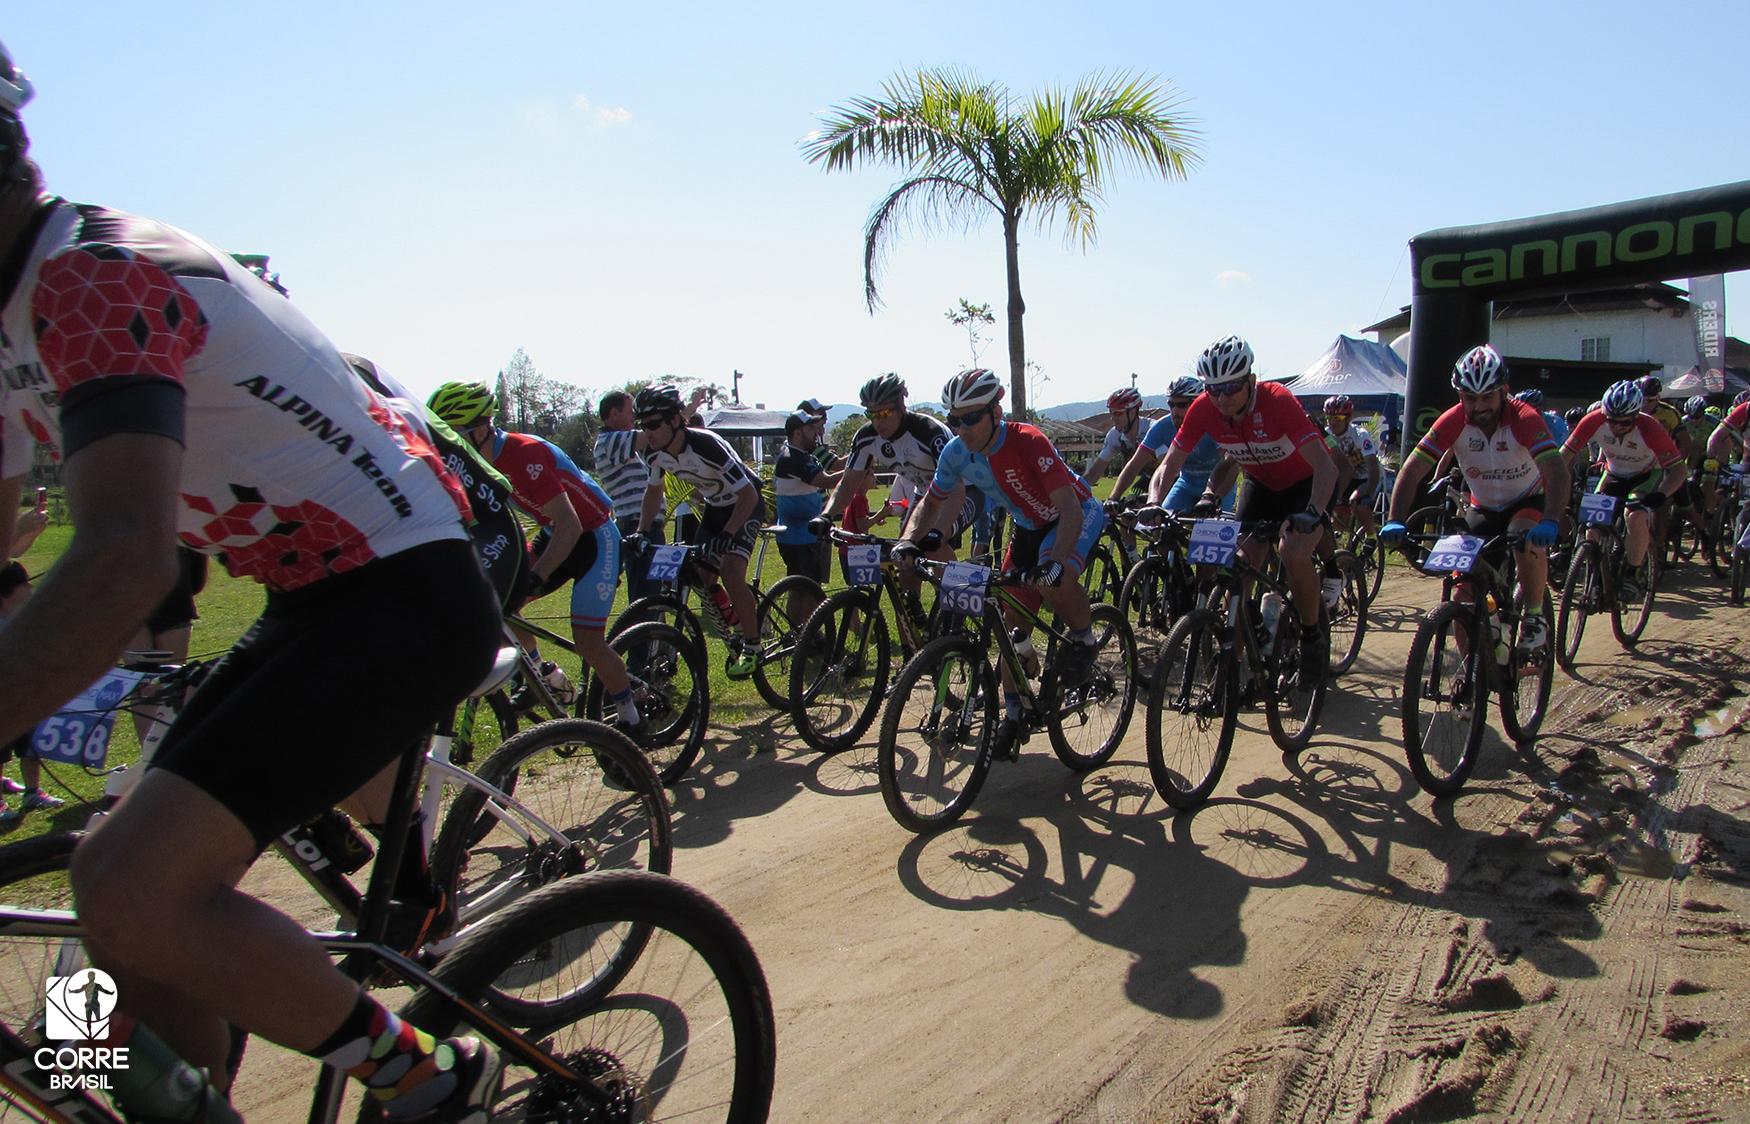 Evento de mountain bike reúne cerca de 400 participantes em Camboriú (SC)